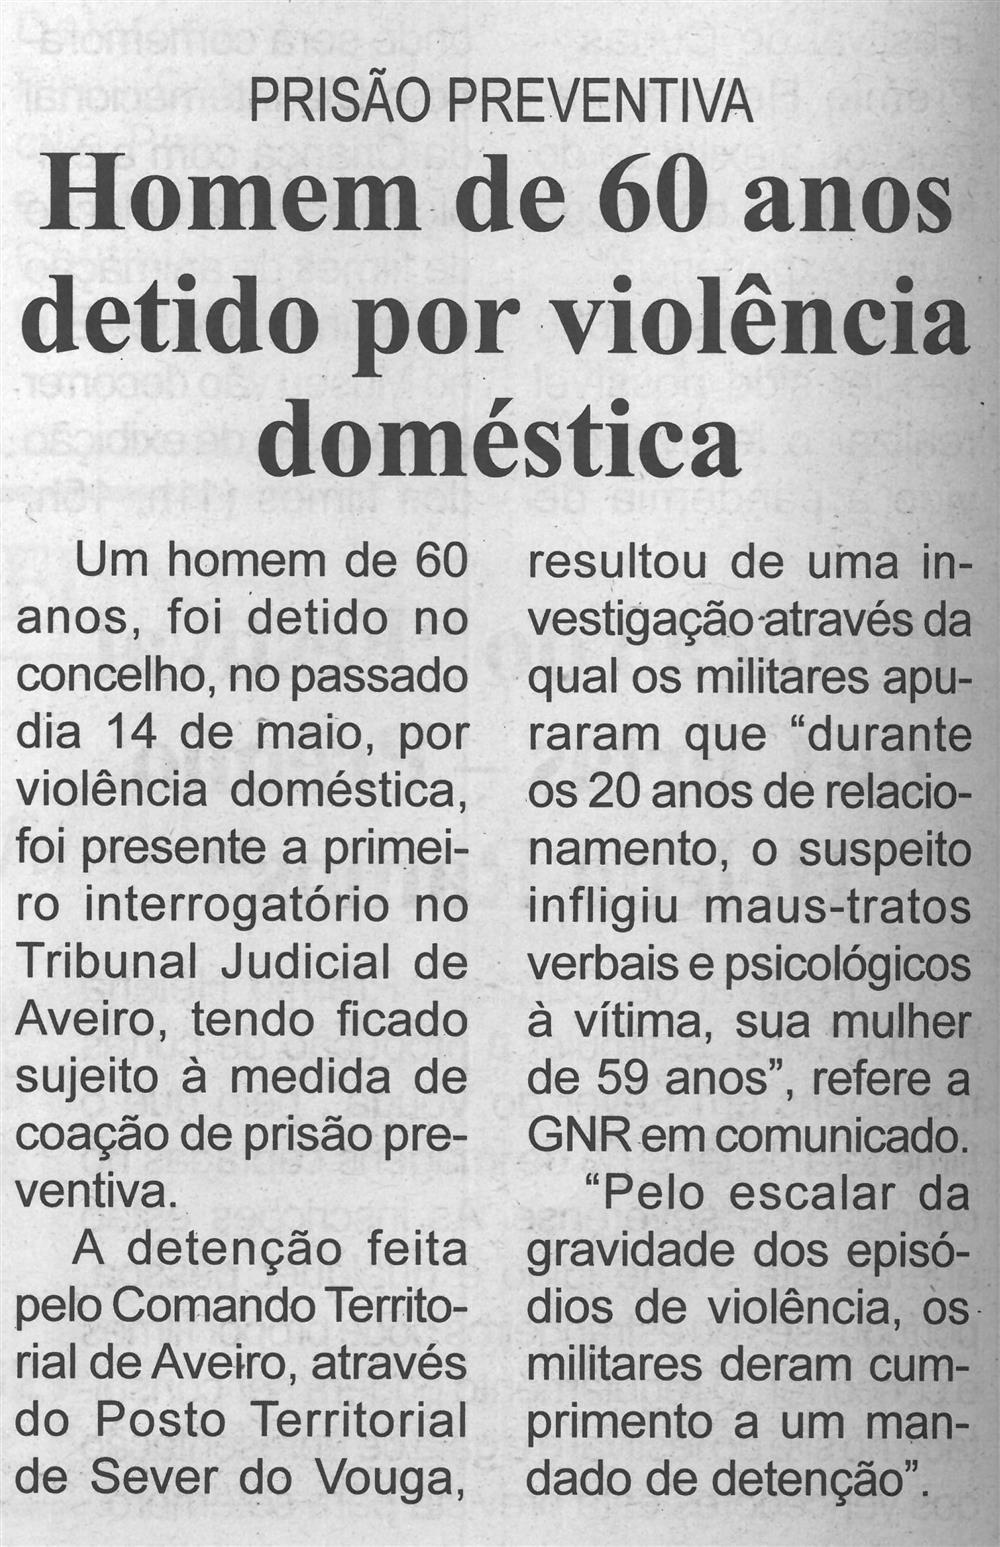 BV-2.ªmaio'21-p.6-Homem de 60 anos detido por violência doméstica : prisão preventiva.jpg